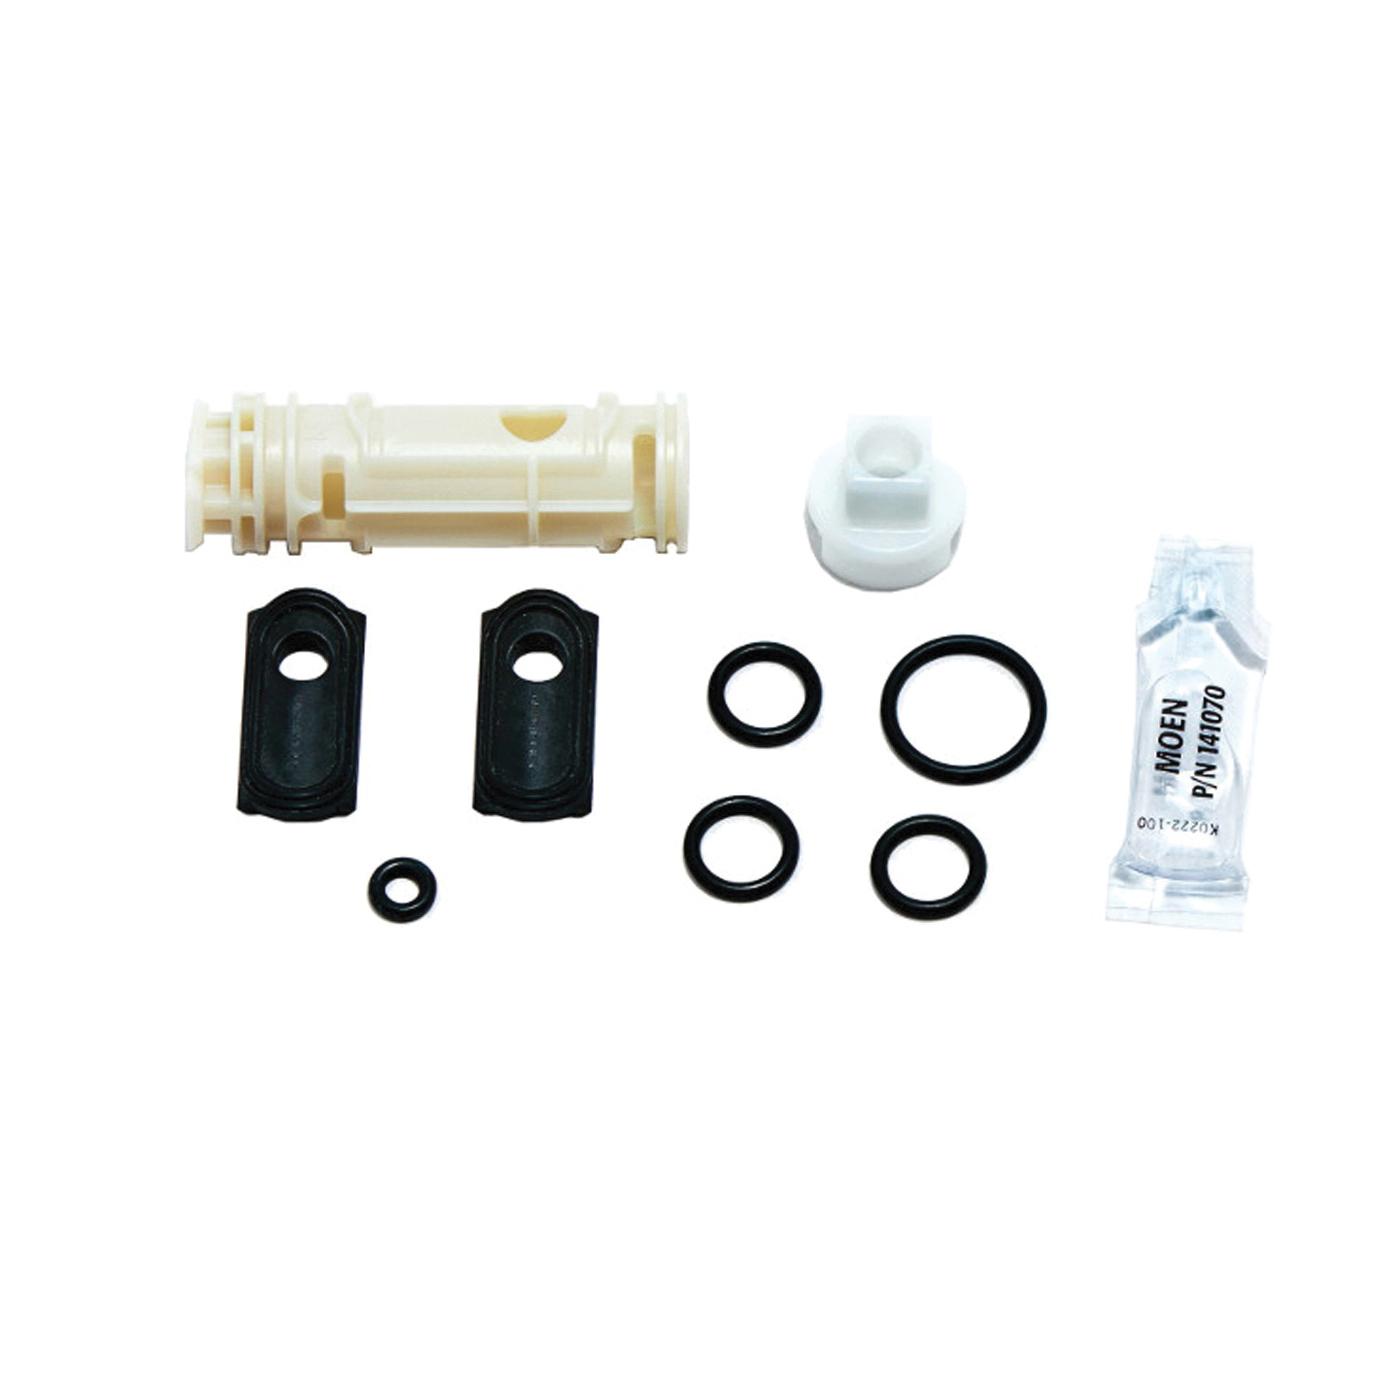 Picture of Moen Posi-Temp 98040 Cartridge Repair Kit, For: 1222/1222B Single-Handle Cartridge Tub/Shower